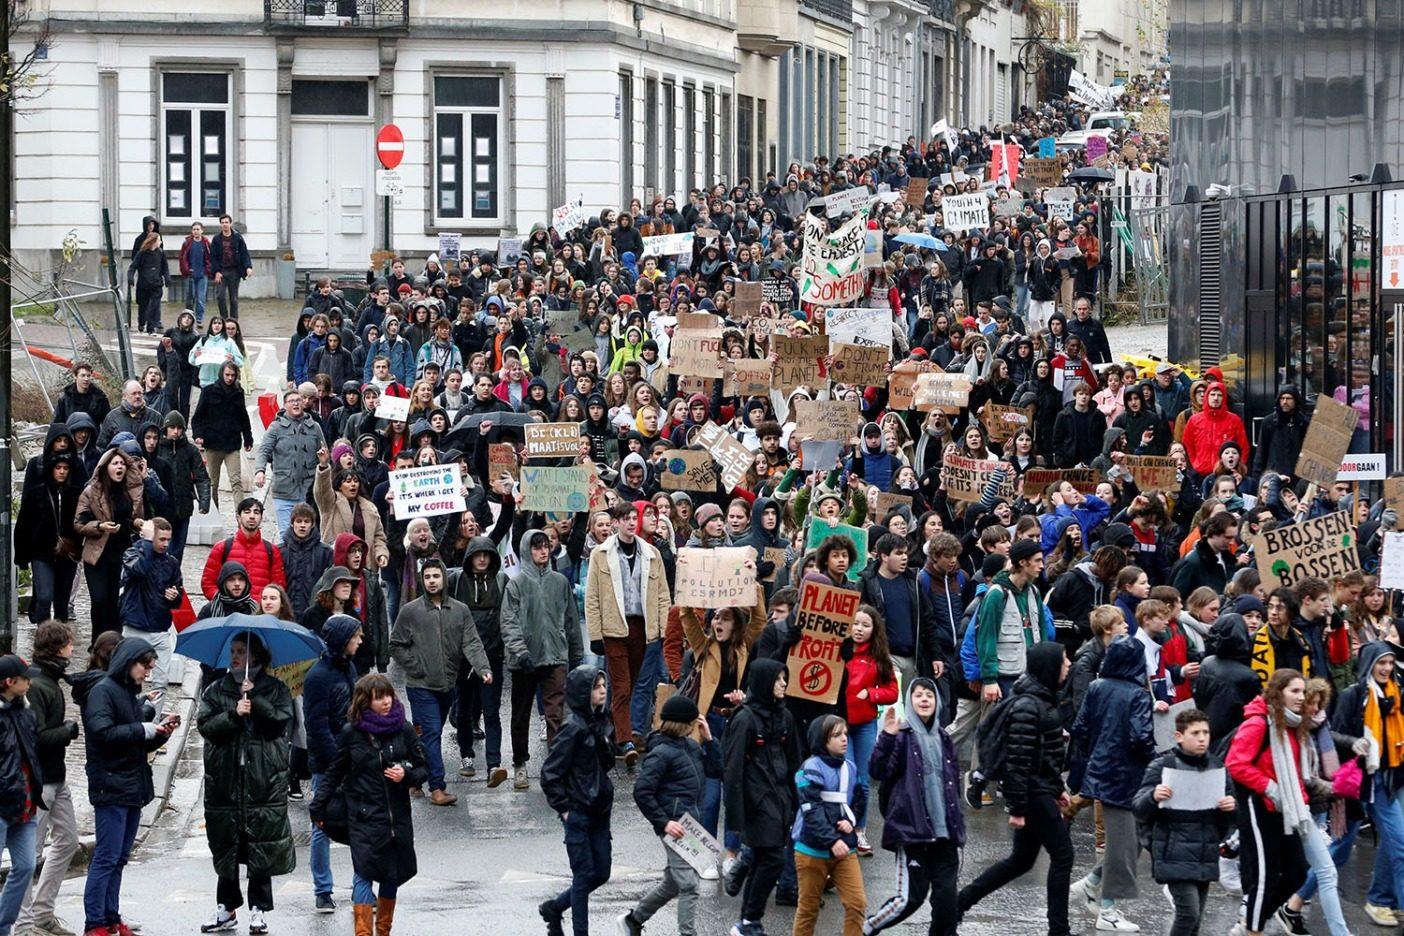 何千人もの学生が2019年1月24日ベルギーで、世界のリーダーたちが気候危機を緩和するために大胆な行動を起こすことを要求して、デモ行進した。ヨーロッパとその他世界各地でグレタ・サンバーグがはじめた「フライデー・フォー・フューチャー」イニシアチブの一部として、さらに多くの抗議が起こっている。Photo: NICOLAS MAETERLINCK/AFP/Getty Images